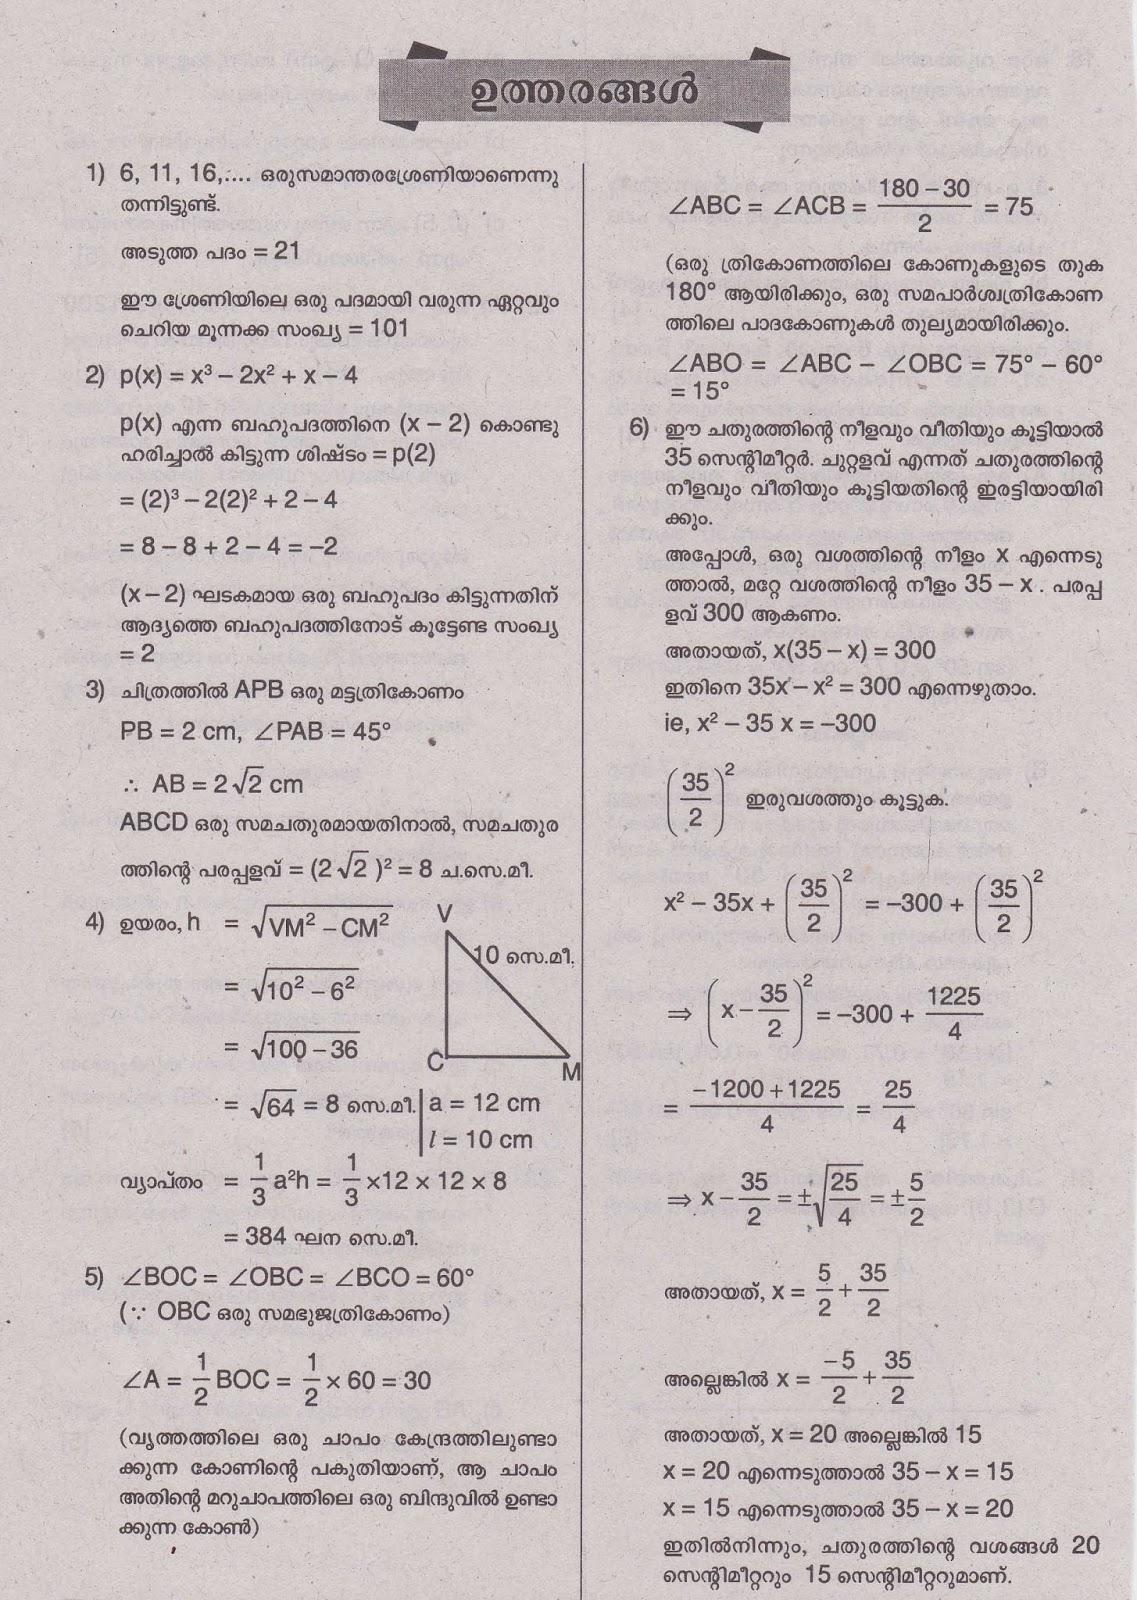 Math essay questions